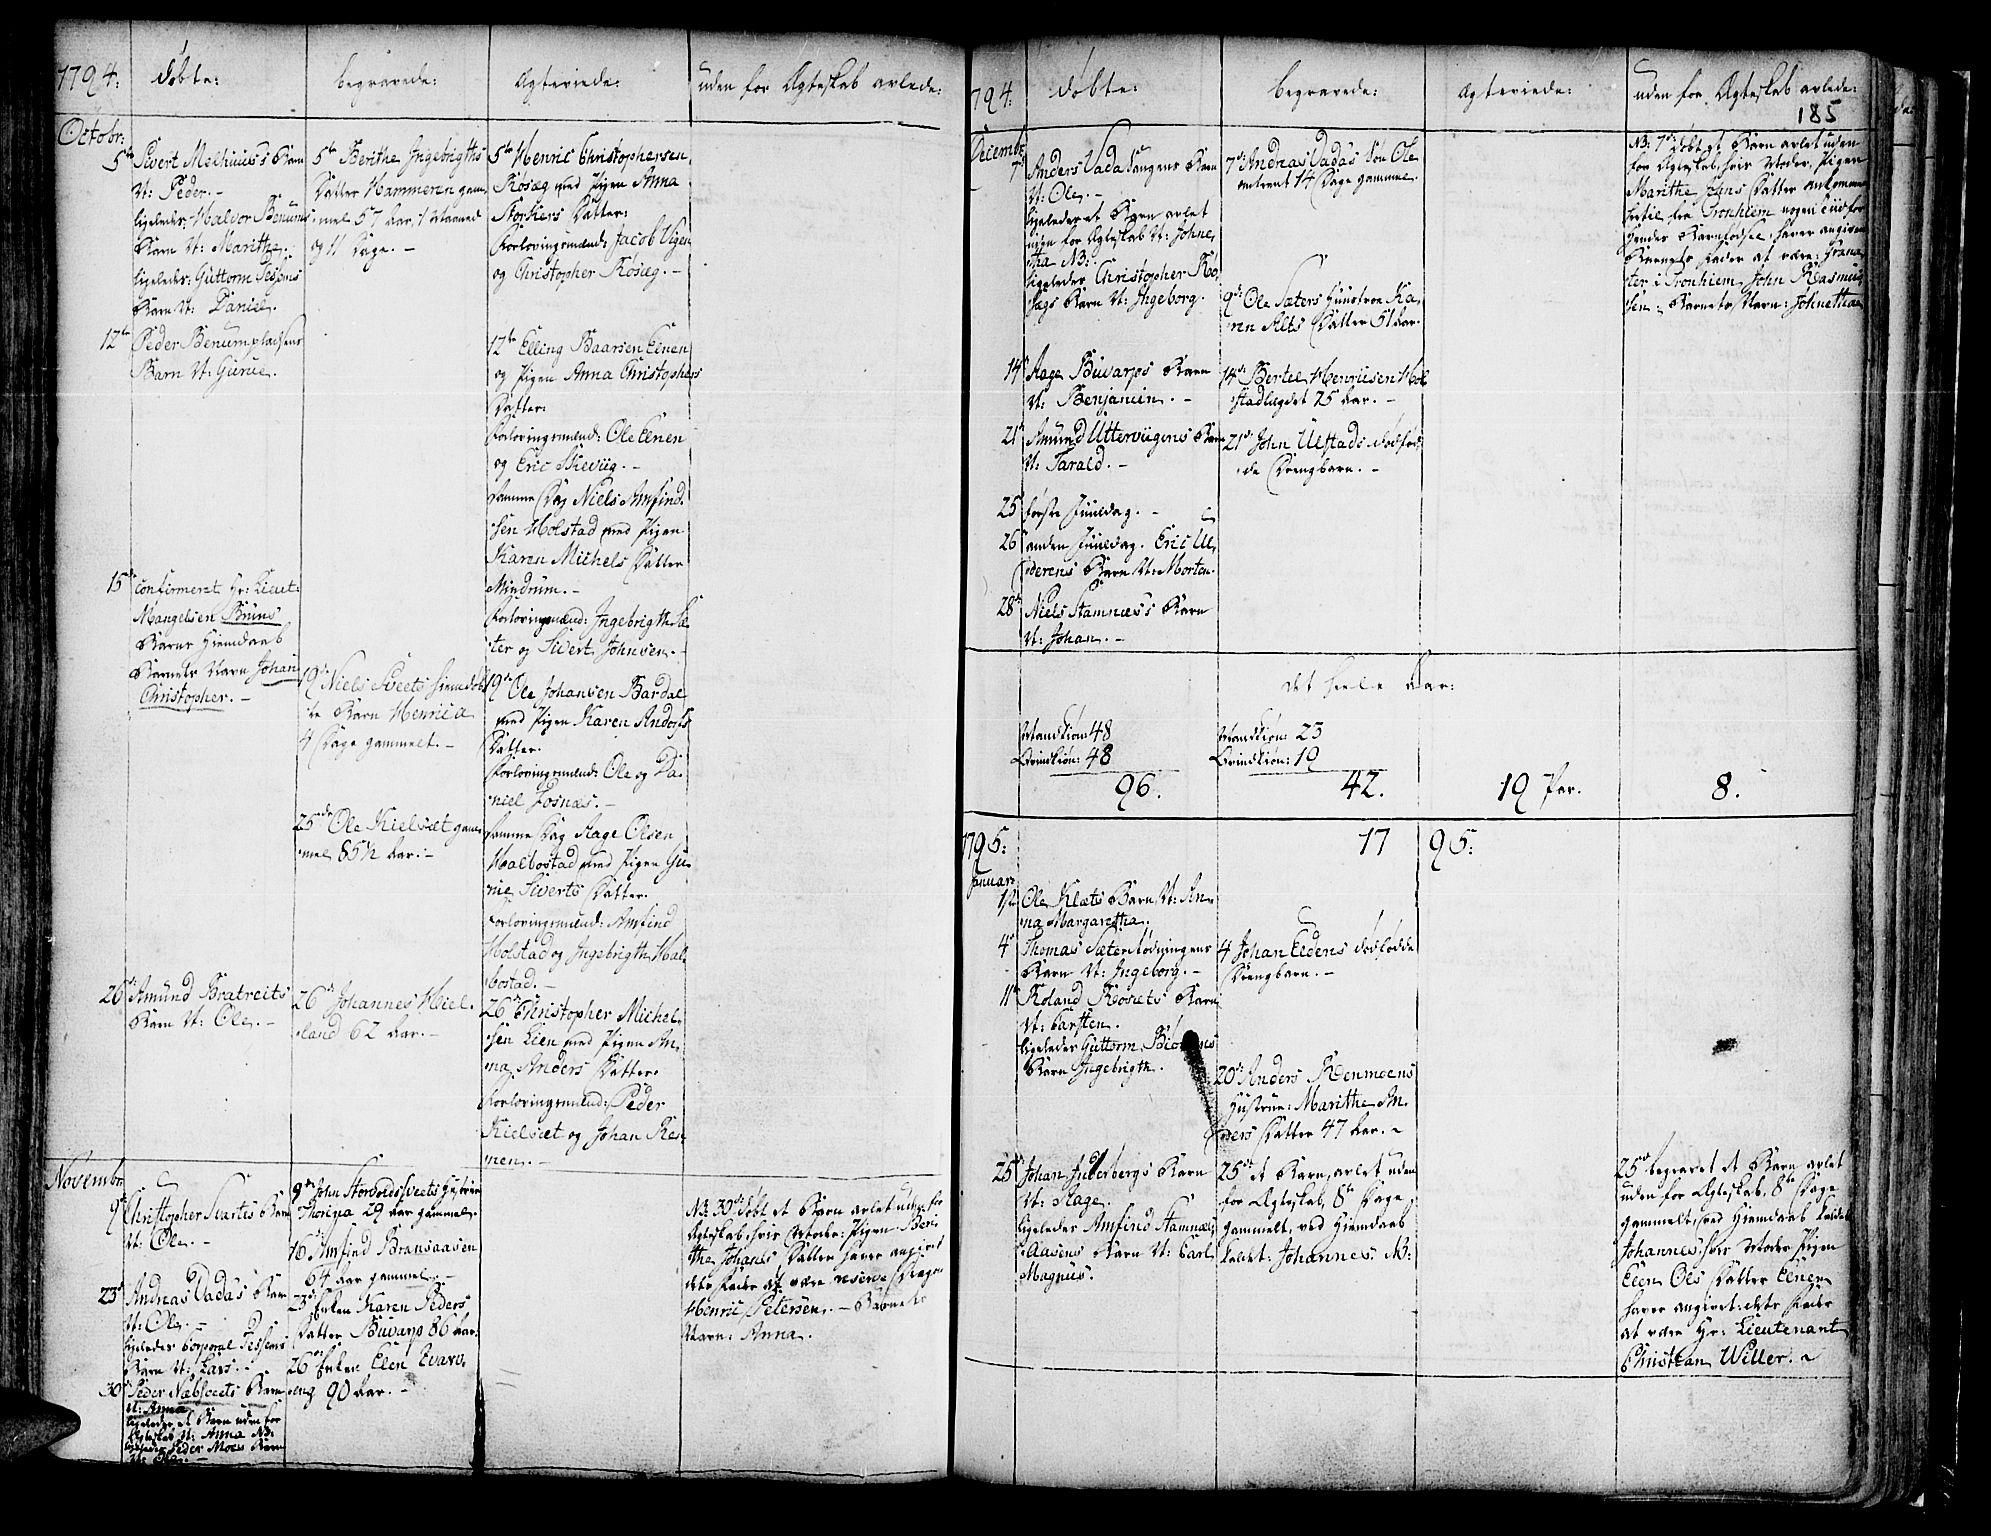 SAT, Ministerialprotokoller, klokkerbøker og fødselsregistre - Nord-Trøndelag, 741/L0385: Ministerialbok nr. 741A01, 1722-1815, s. 185